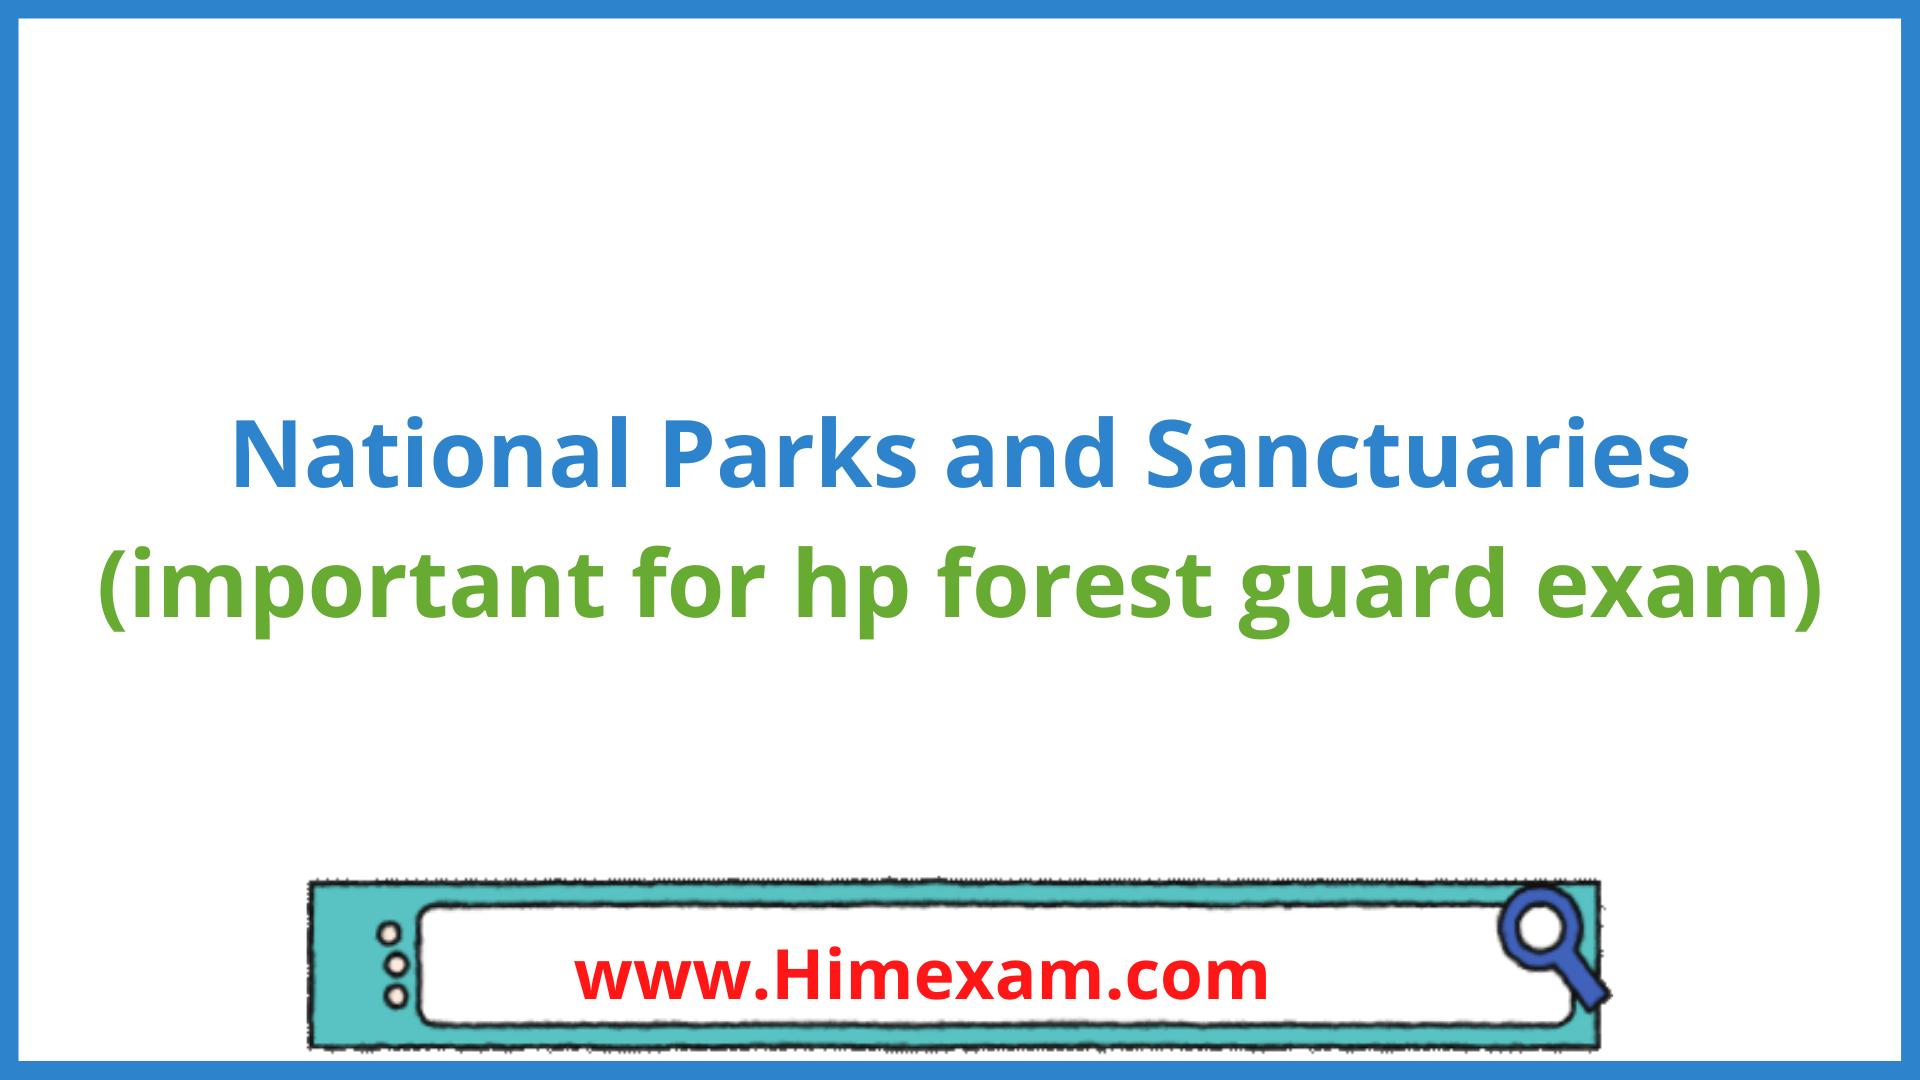 National Parks and Sanctuaries